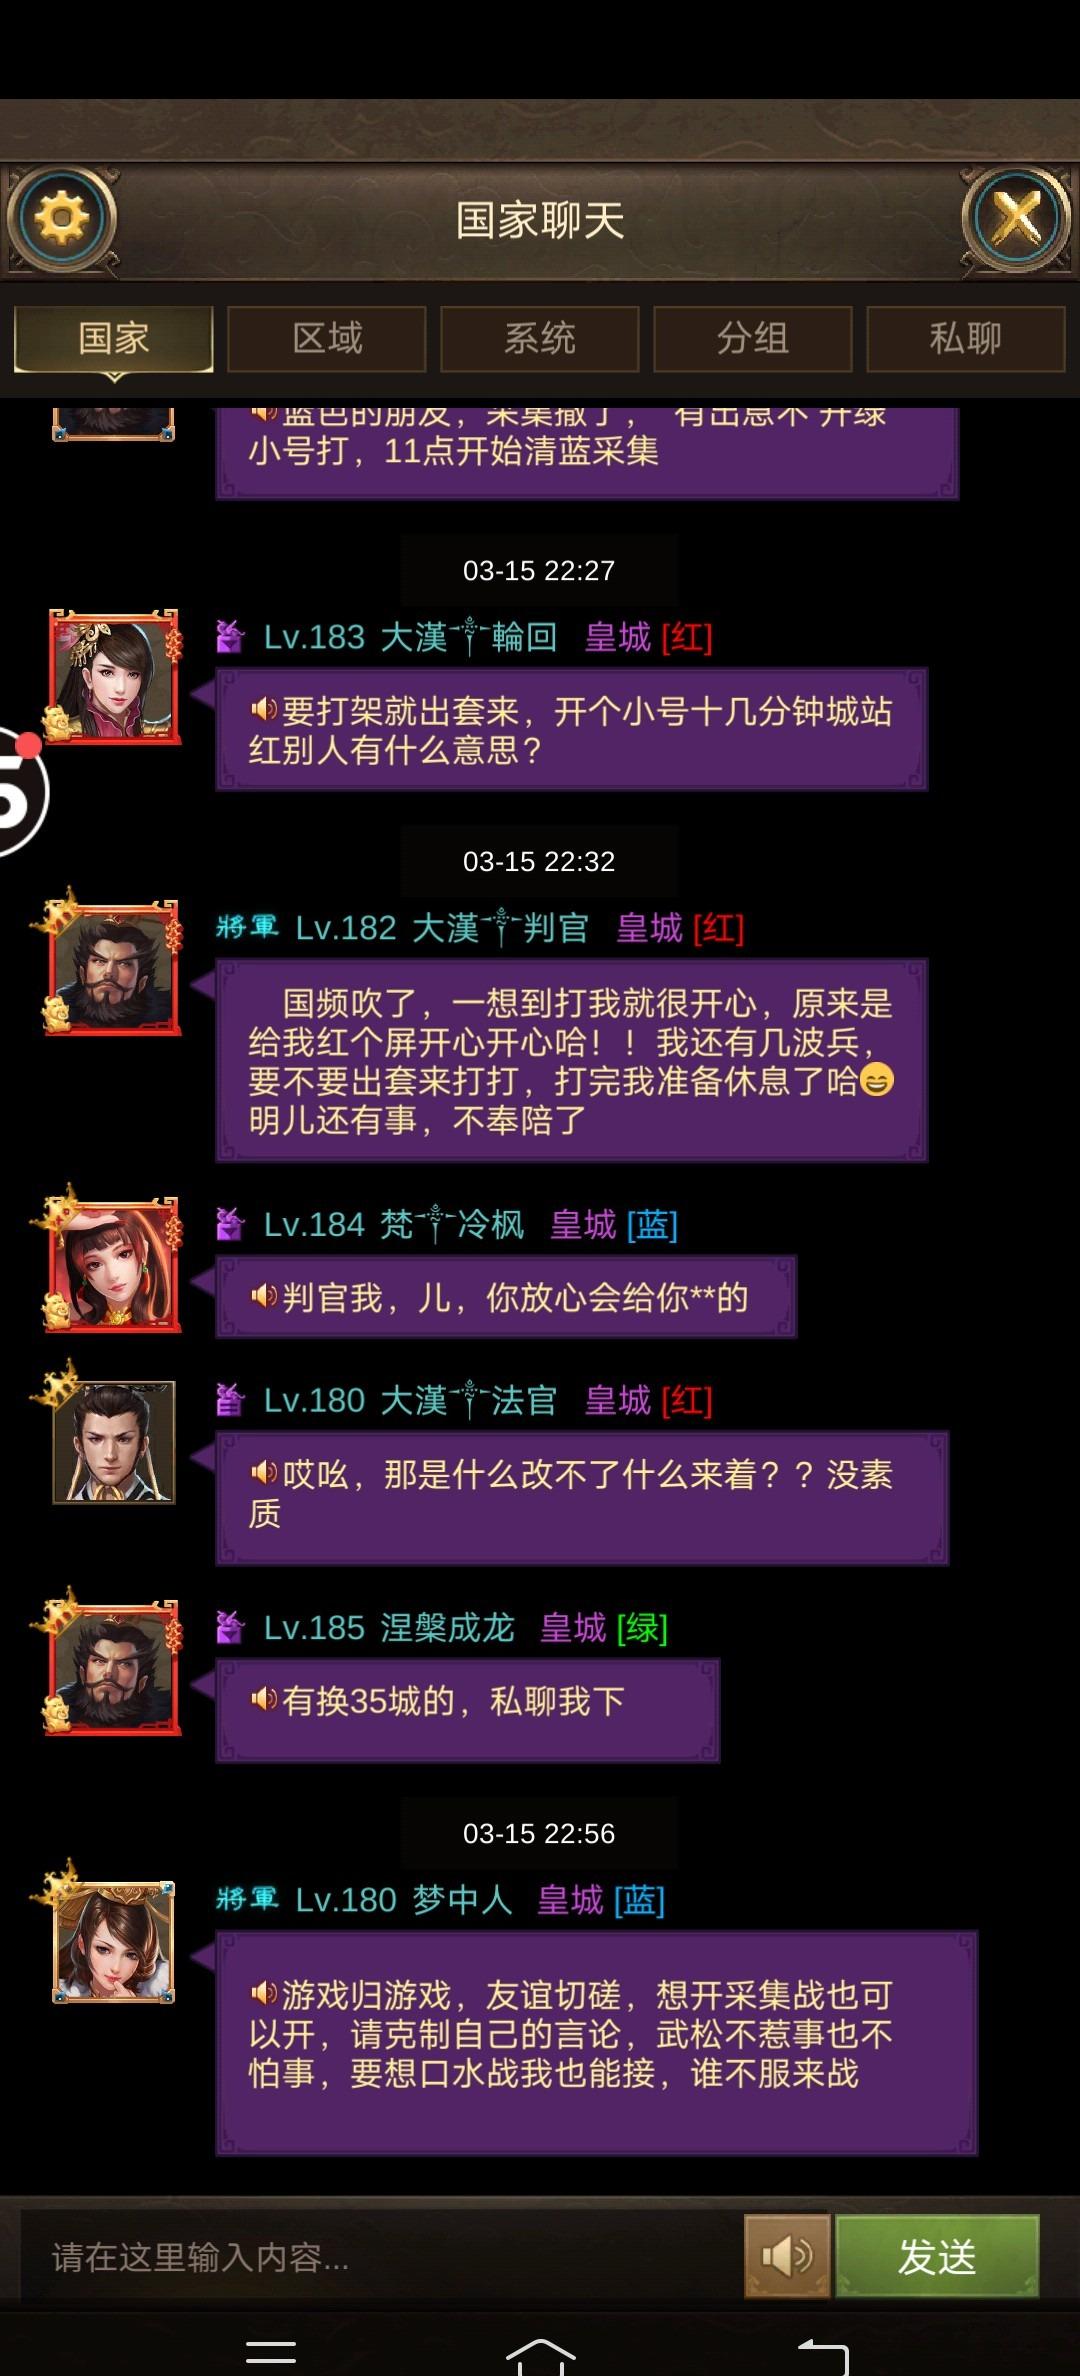 Screenshot_2021_0317_204105.jpg